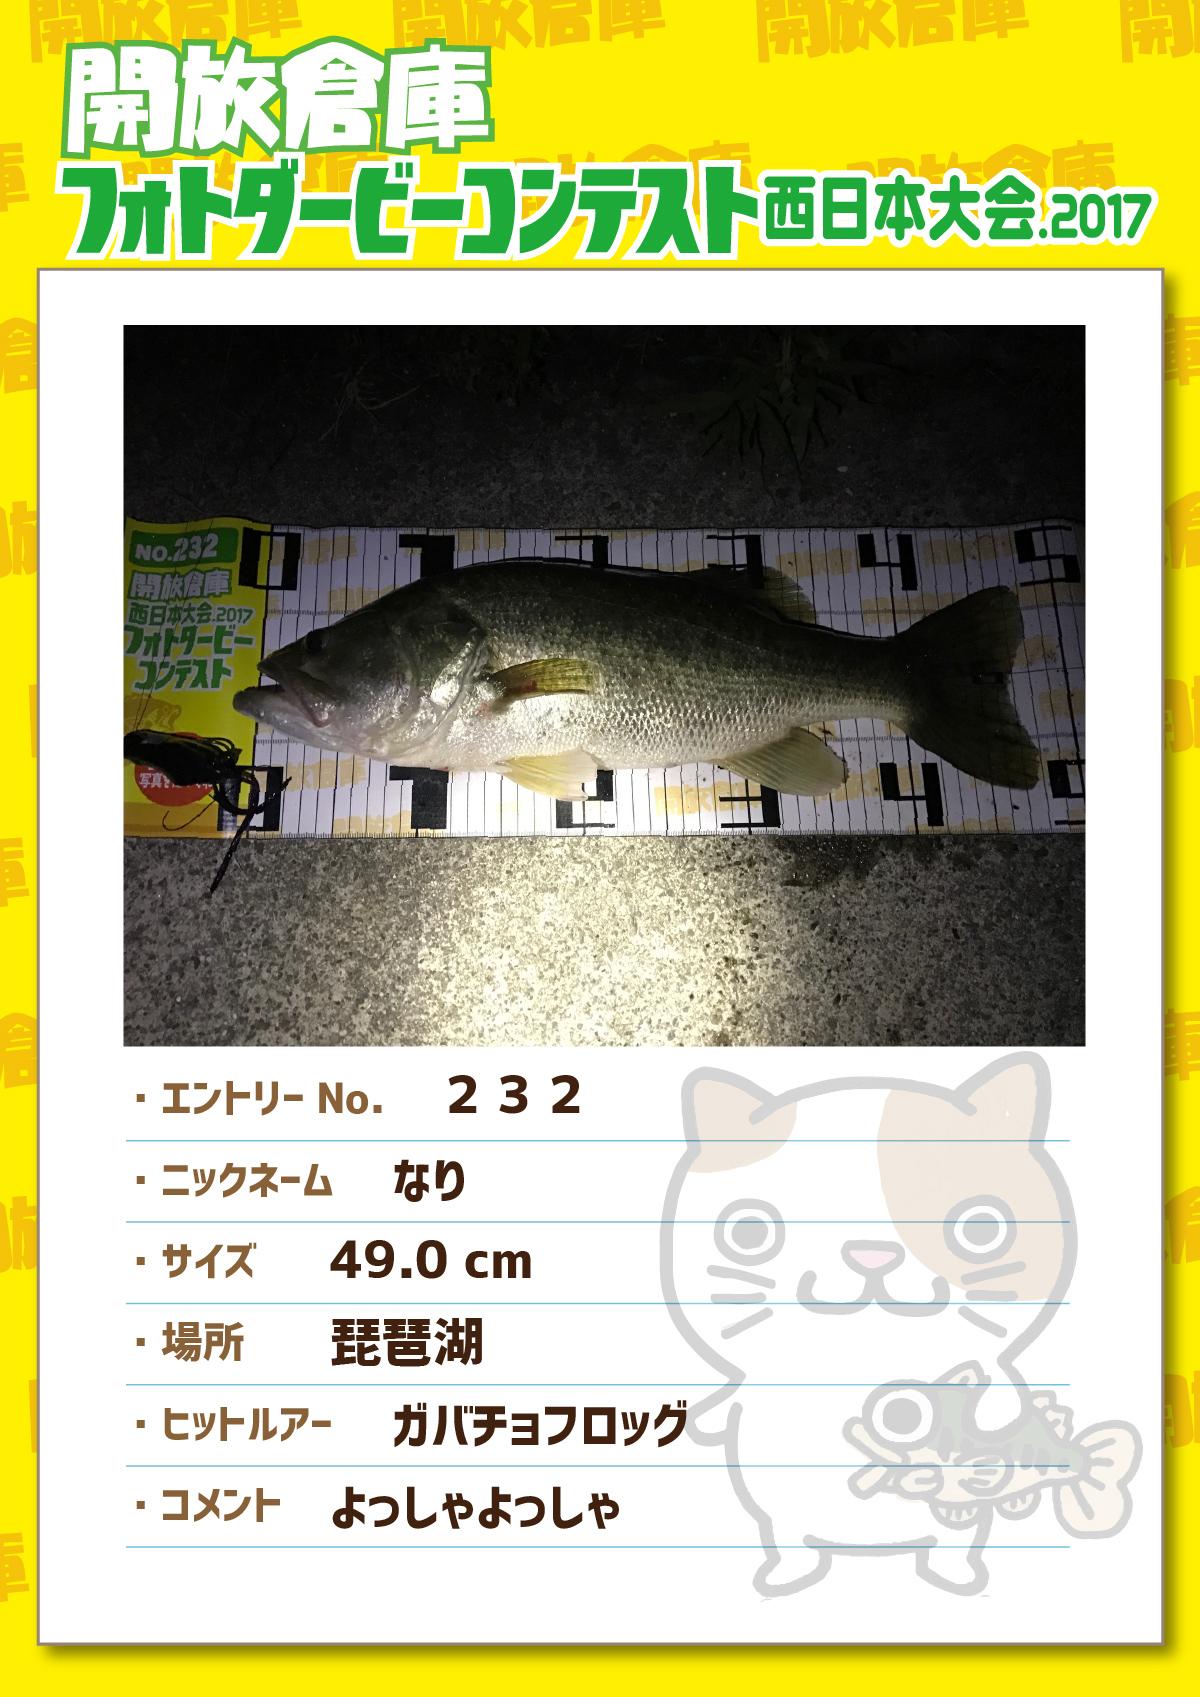 No.232 なり 49.0cm 琵琶湖 ガバチョフロッグ よっしゃよっしゃ